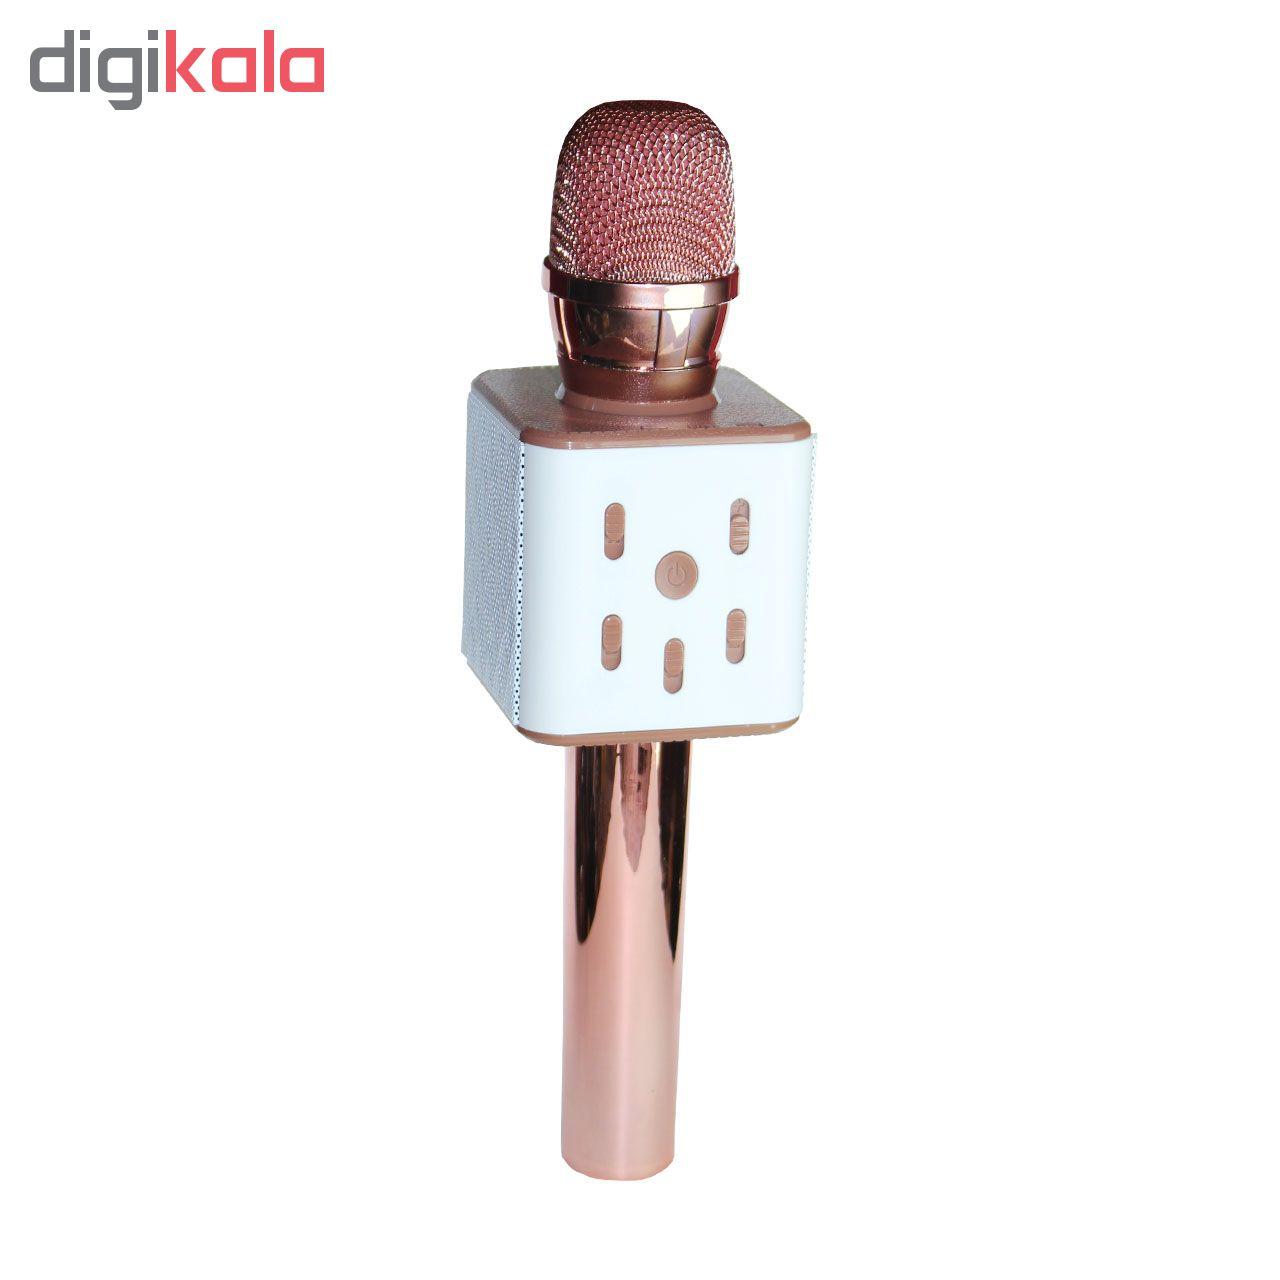 خرید اینترنتی میکروفون جی ال جی اس مدل plus اورجینال